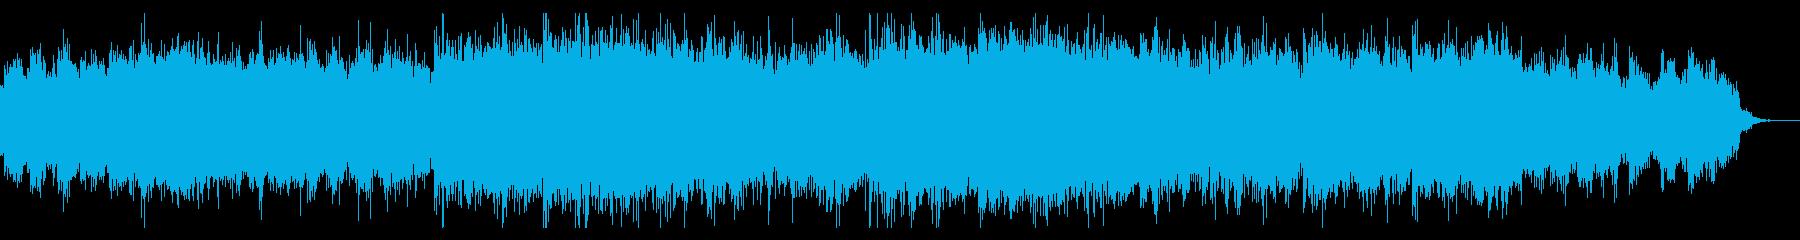 陰鬱なホラーアンビエントの再生済みの波形